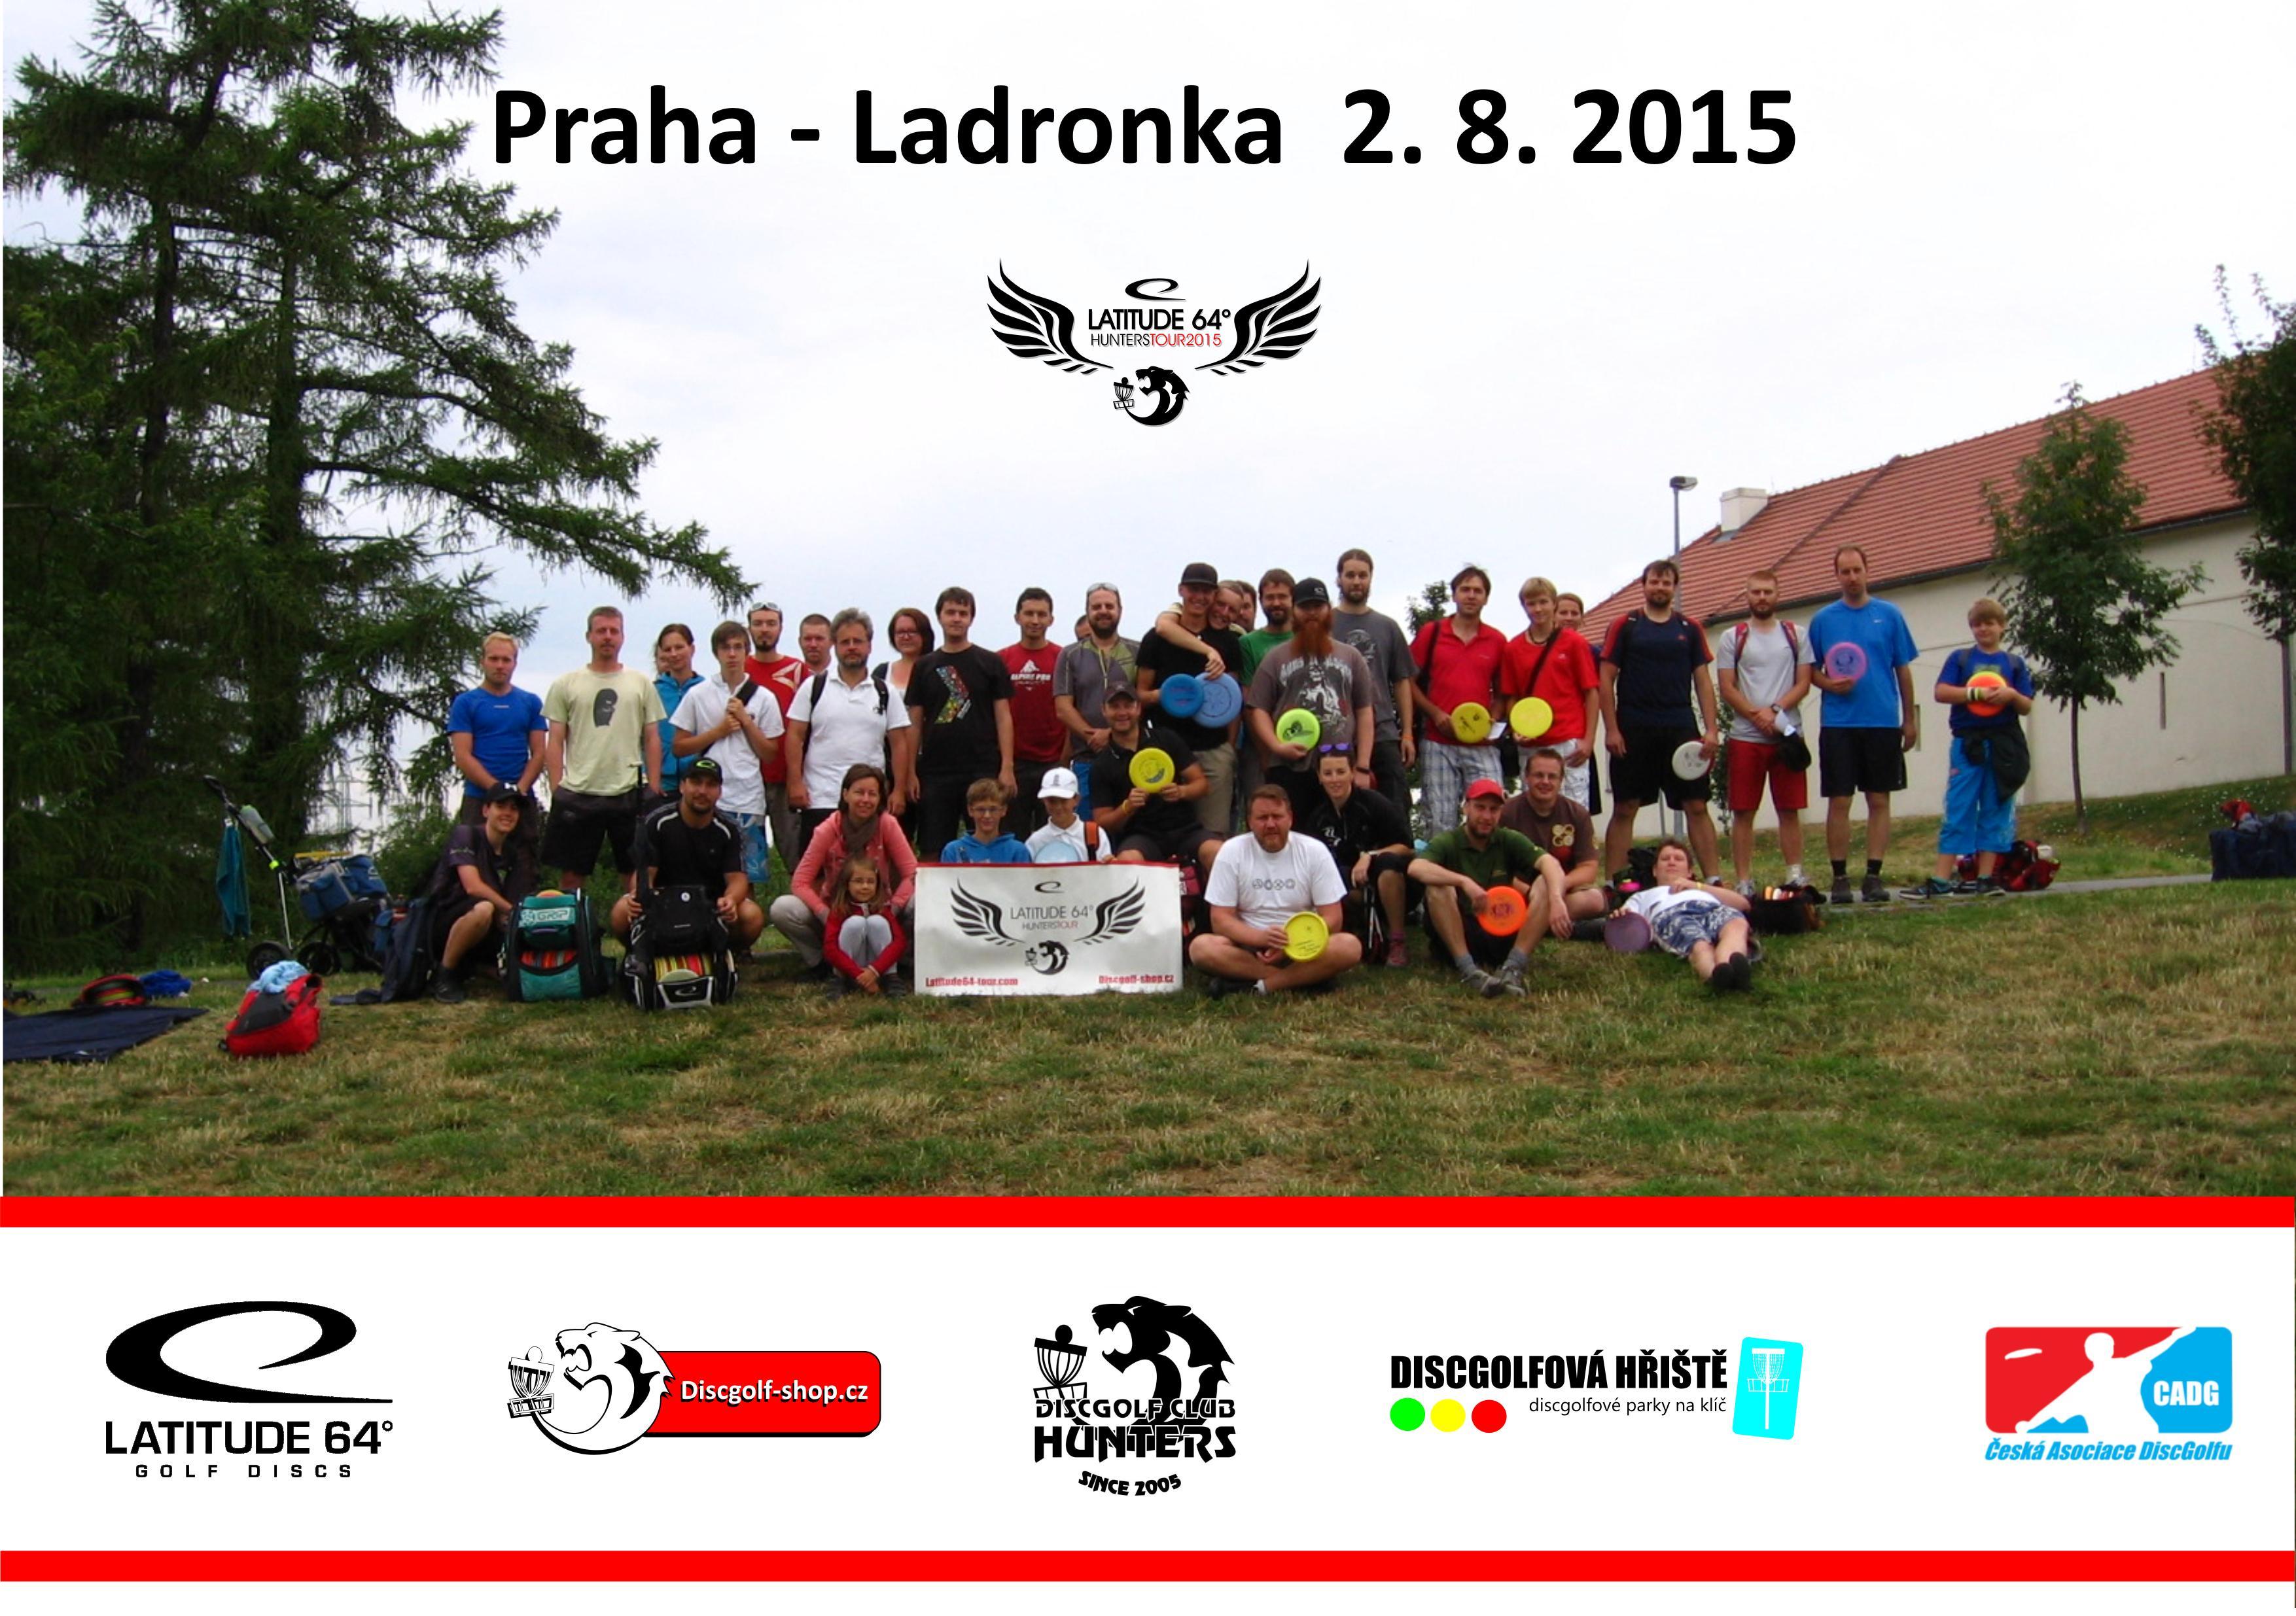 Turnaj v Praze Stodůlkách a na Ladronce